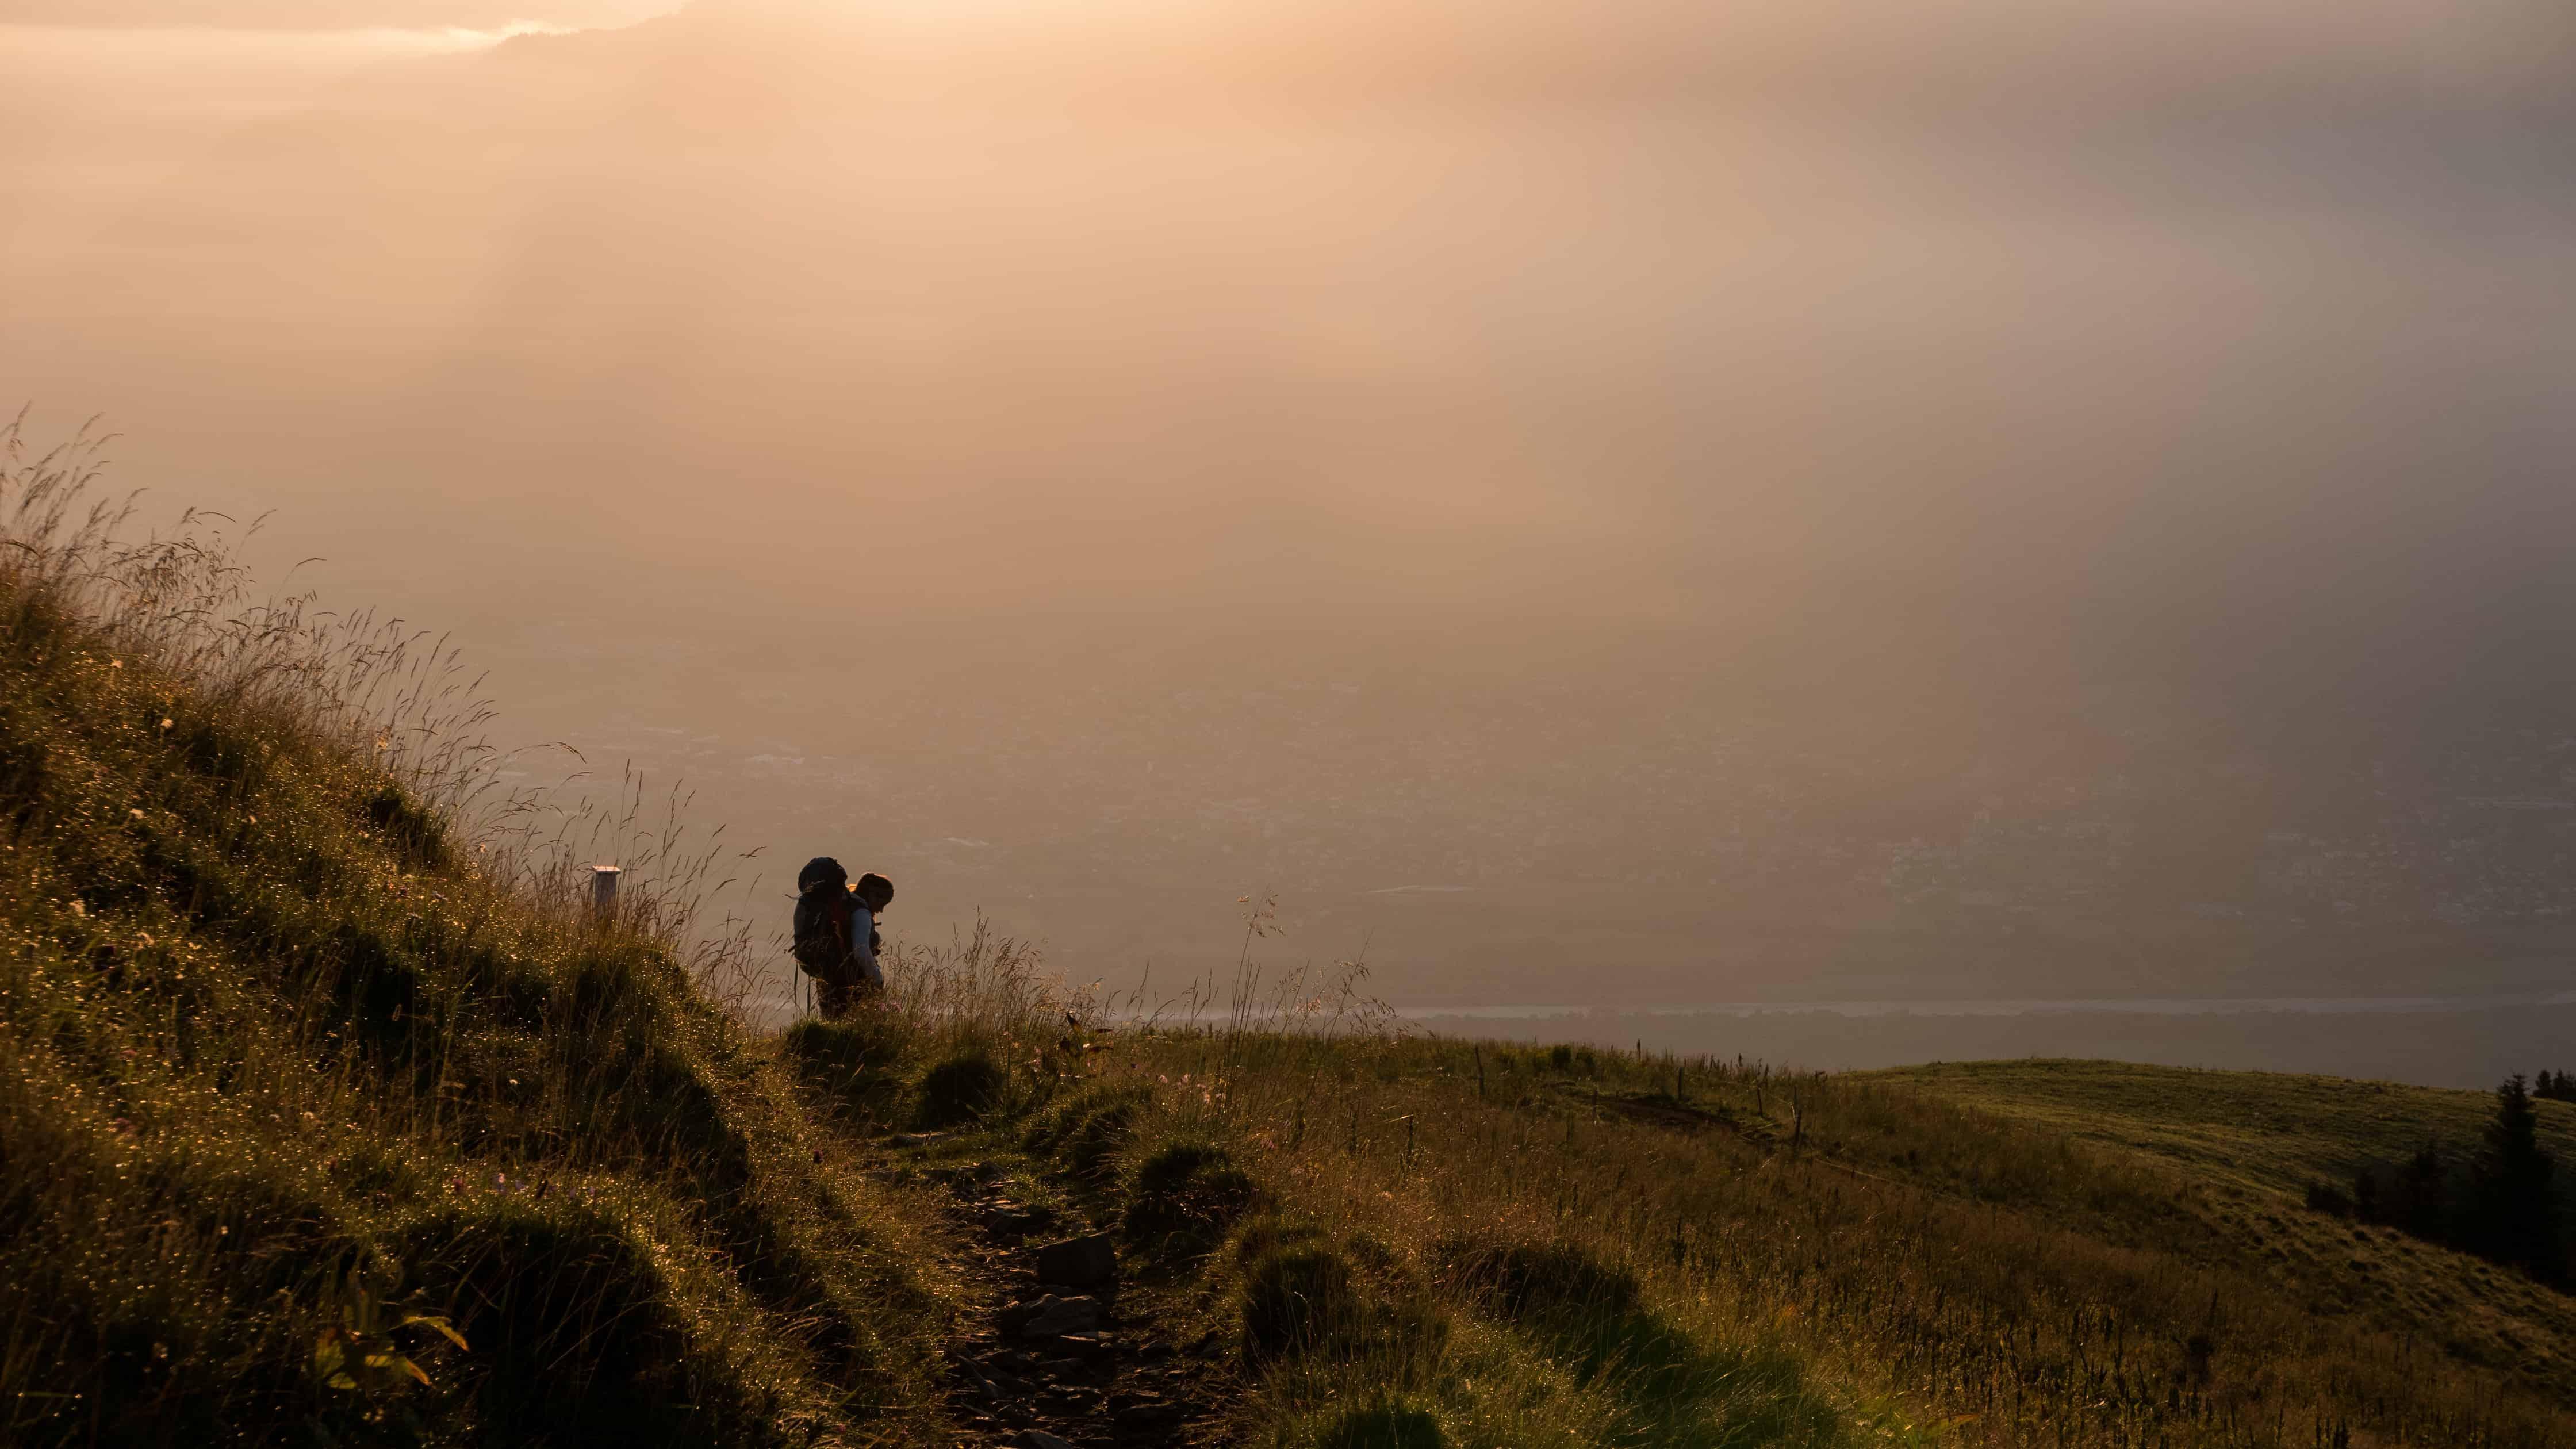 Eine Wanderin auf dem Weg zum Margelchopf bei Tagesanbruch